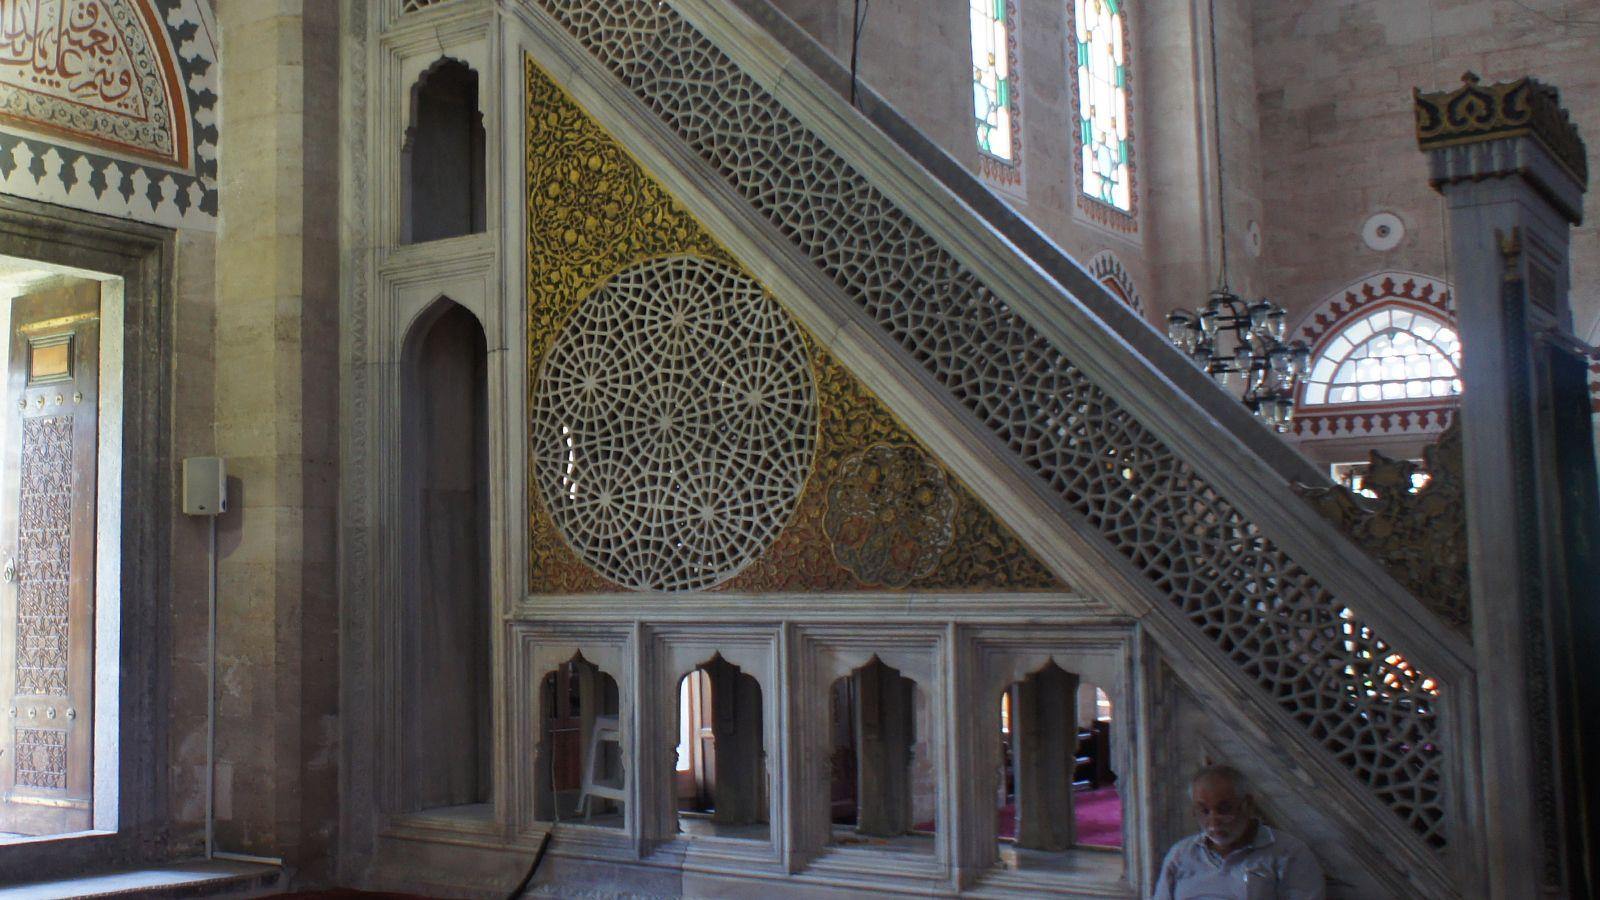 Ehzade camii ehzade mehmet camii ya da ehzadeba camii olarak mosque altavistaventures Image collections